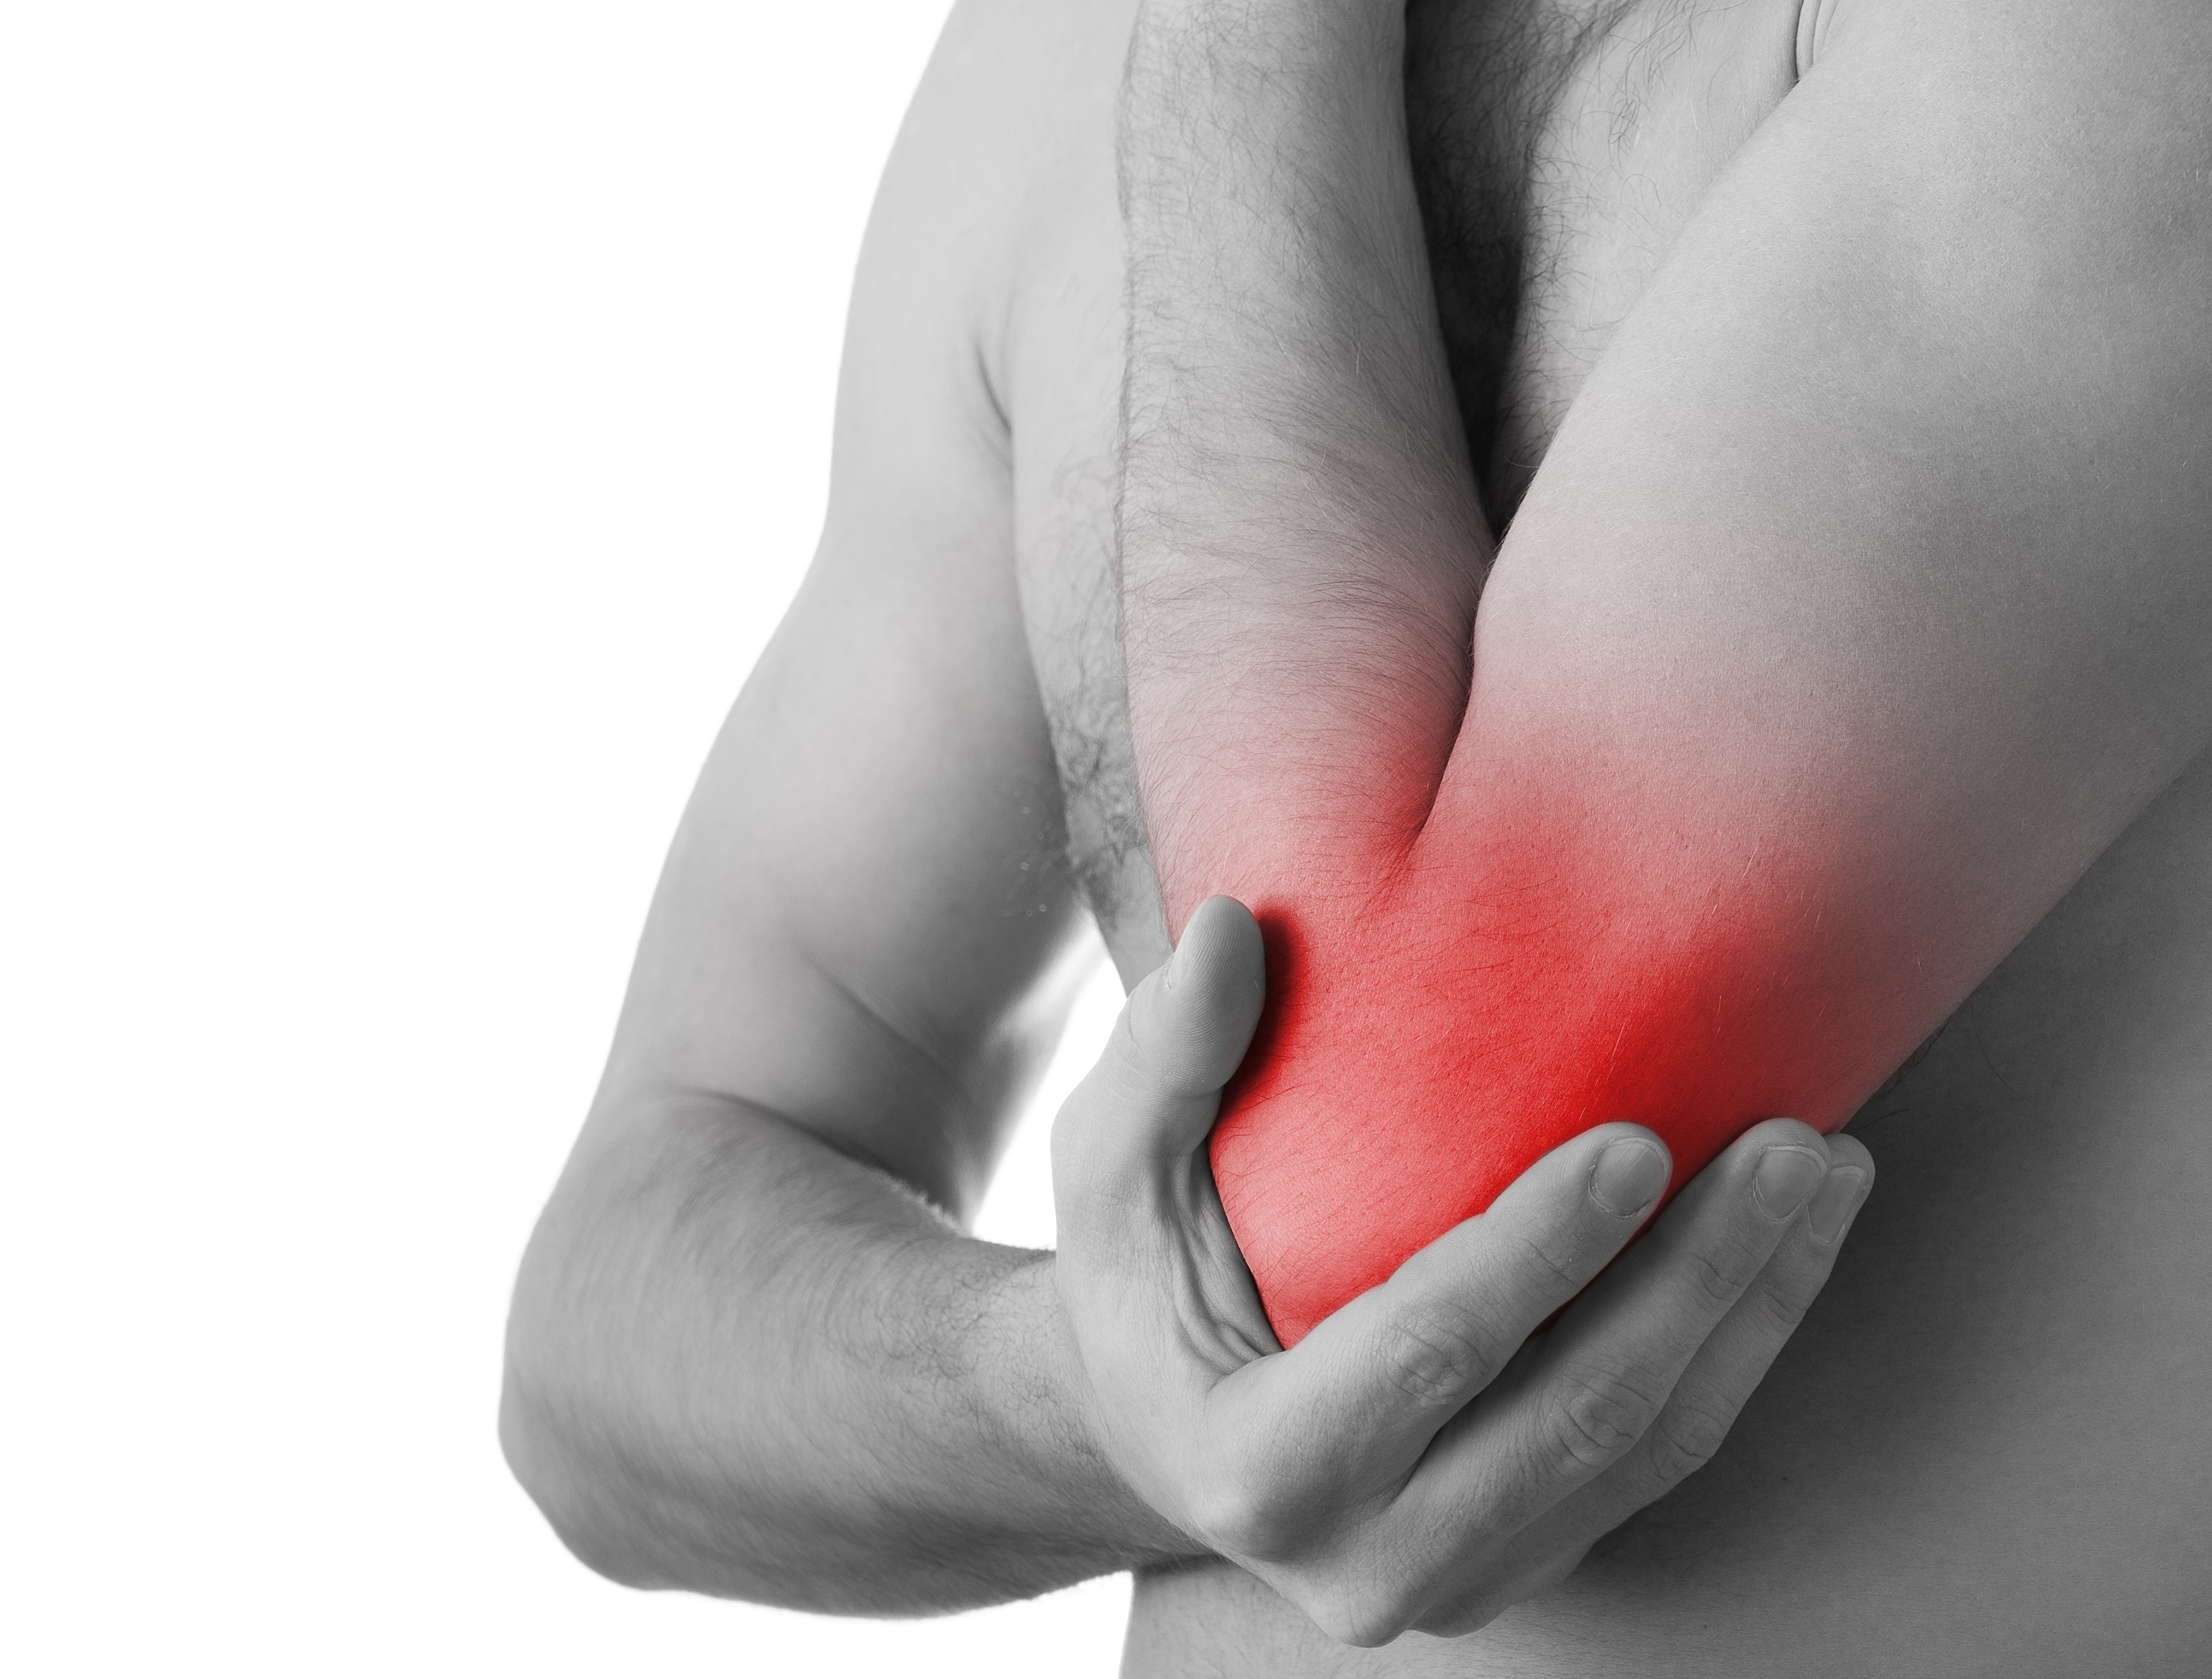 az artritisz és a csípőízület ízületi tünetei vállfájdalom kenőcs ár